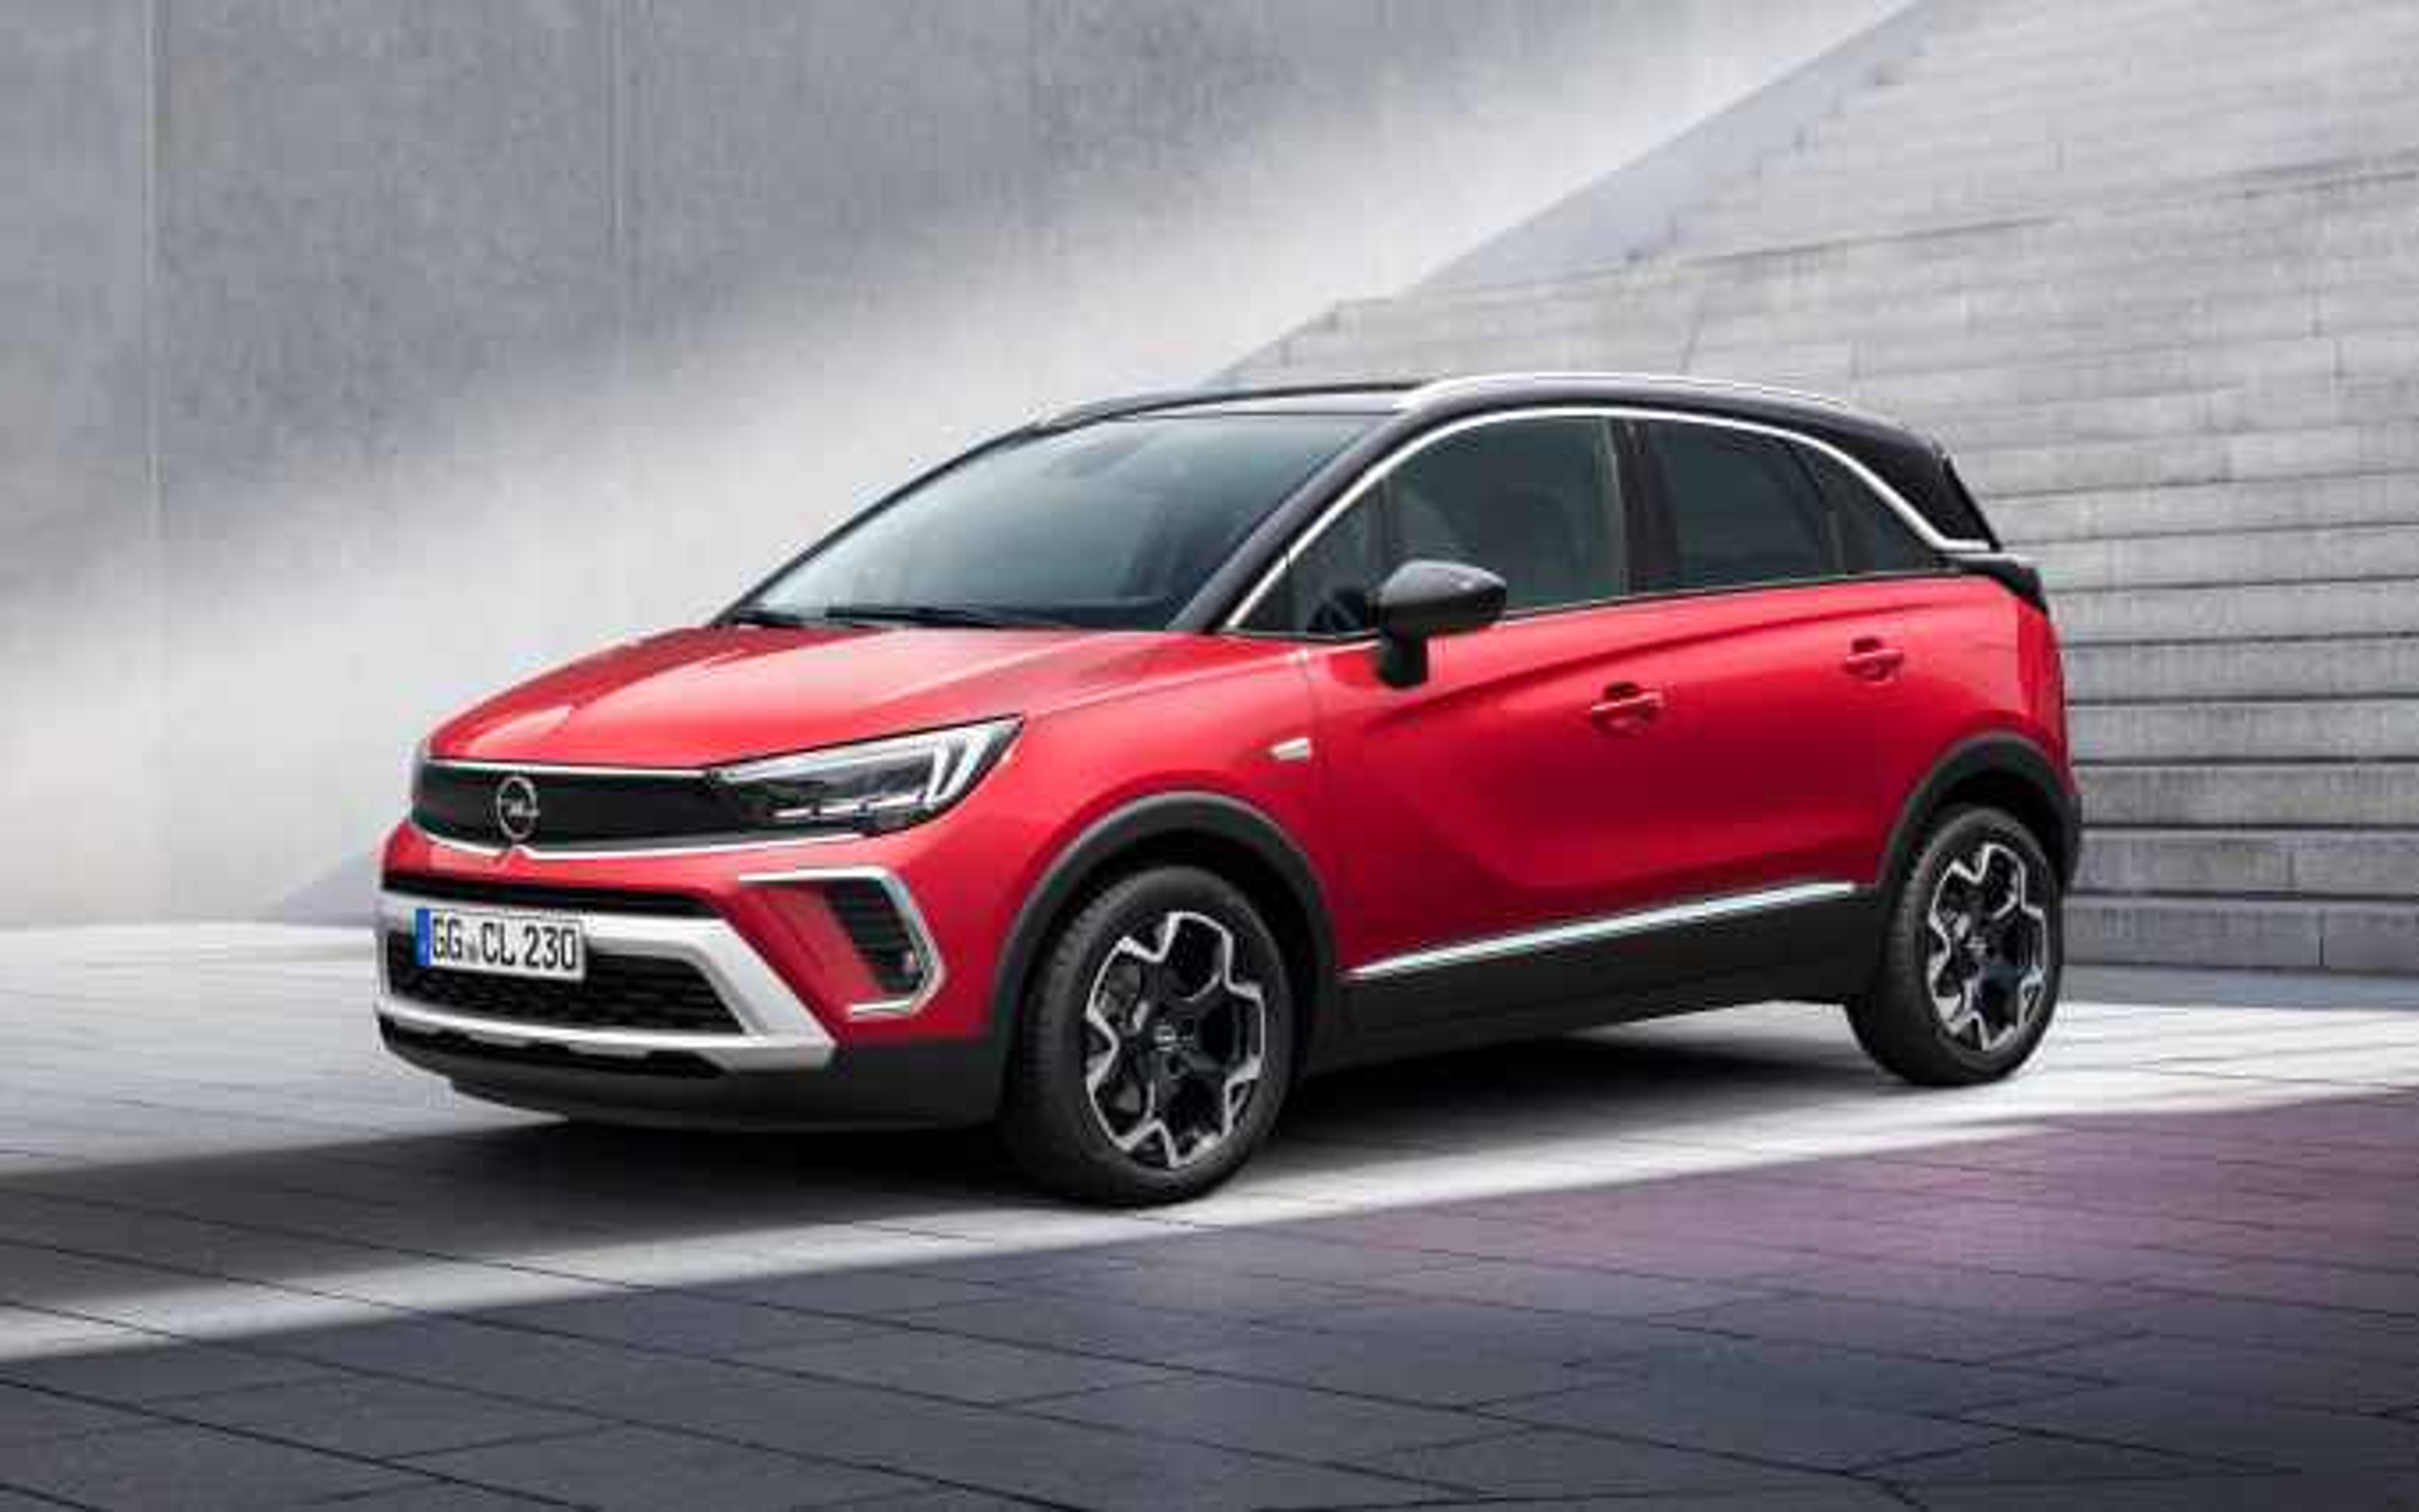 Opel Crossland ceny